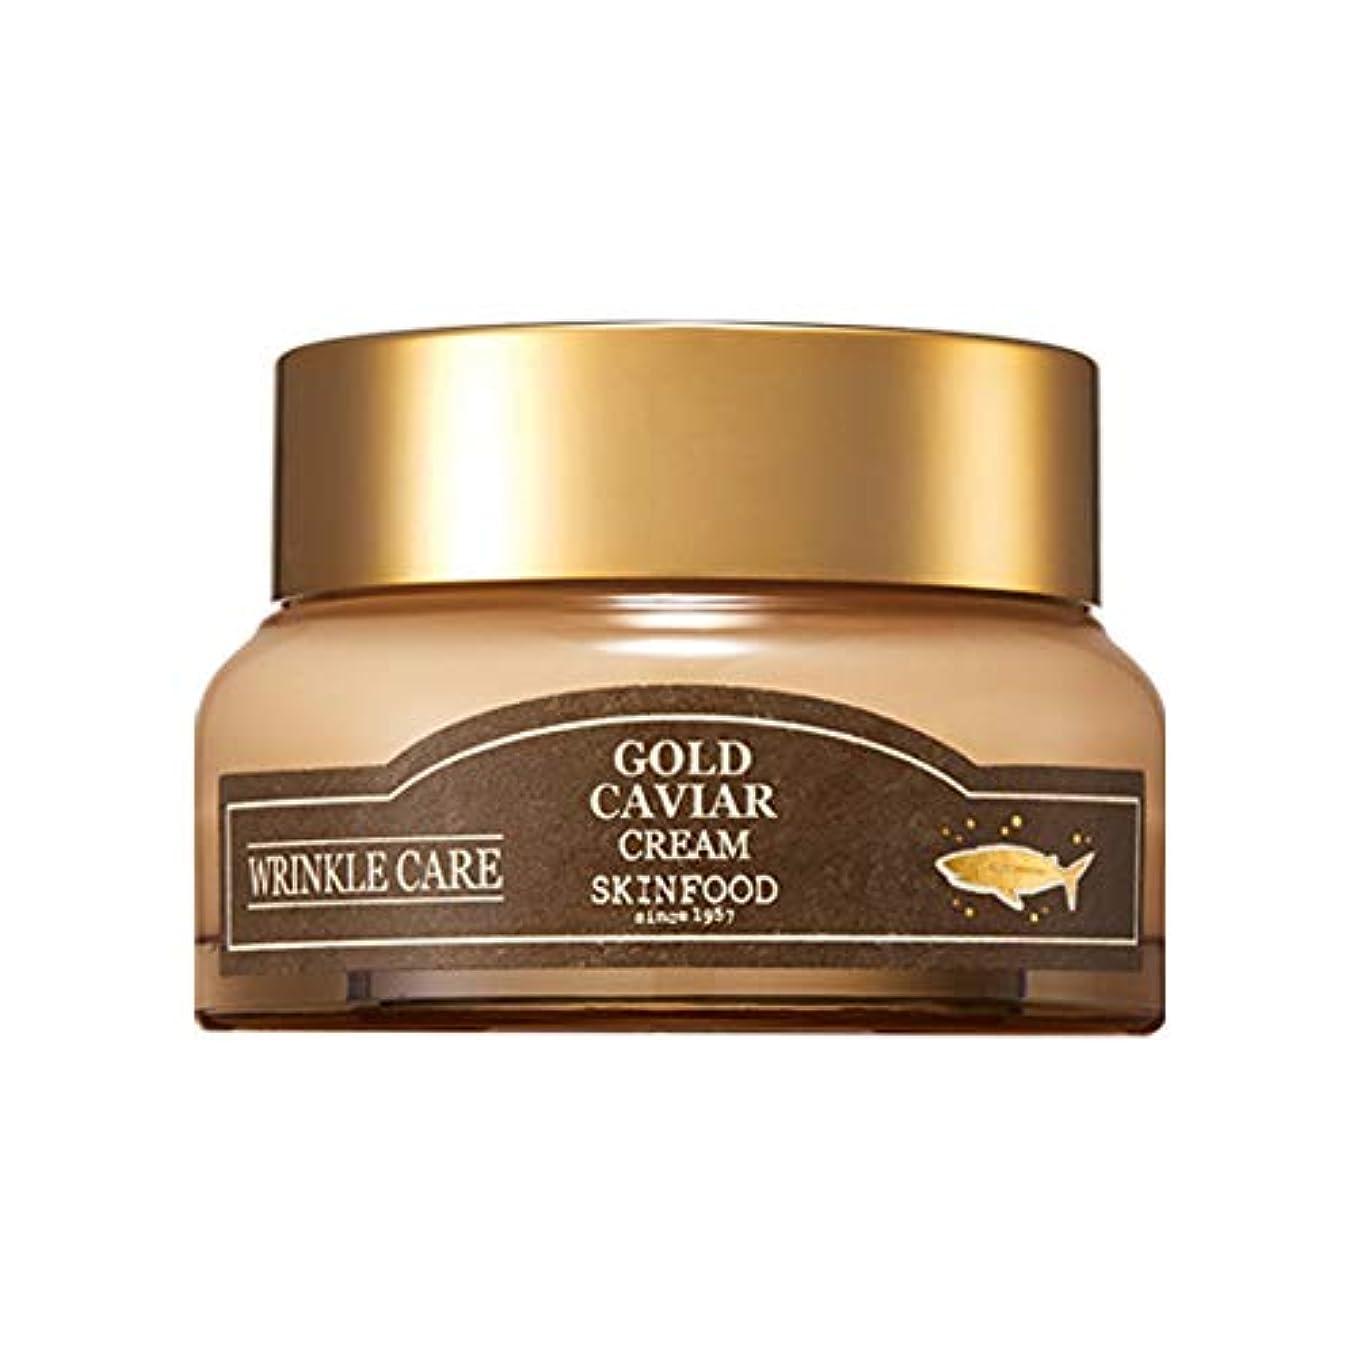 失敗ピストン嫌なSkinfood ゴールドキャビアクリーム[しわケア用化粧品] / Gold Caviar Cream [Cosmeceutical for wrinkle care] 54ml [並行輸入品]